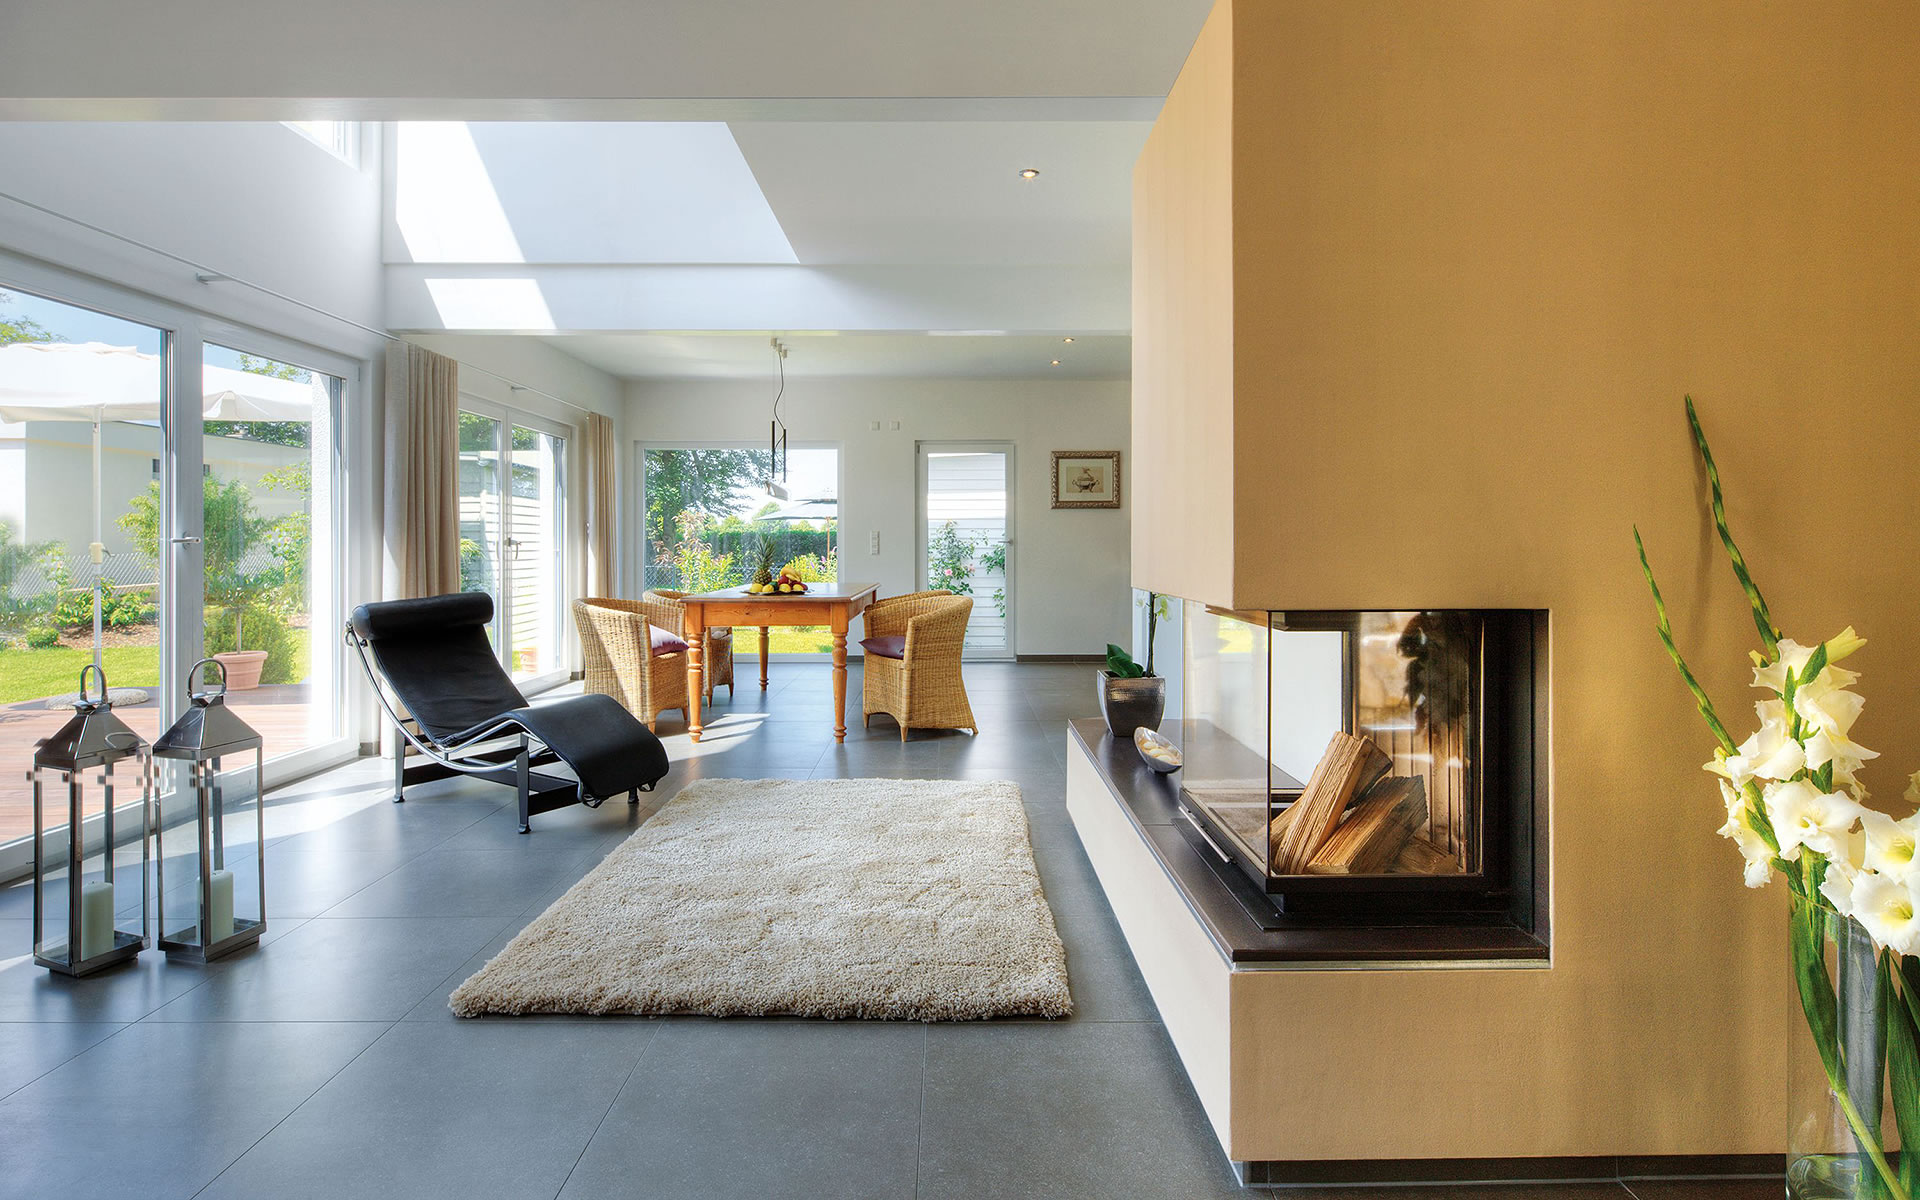 Zorneding von Regnauer Hausbau GmbH & Co. KG